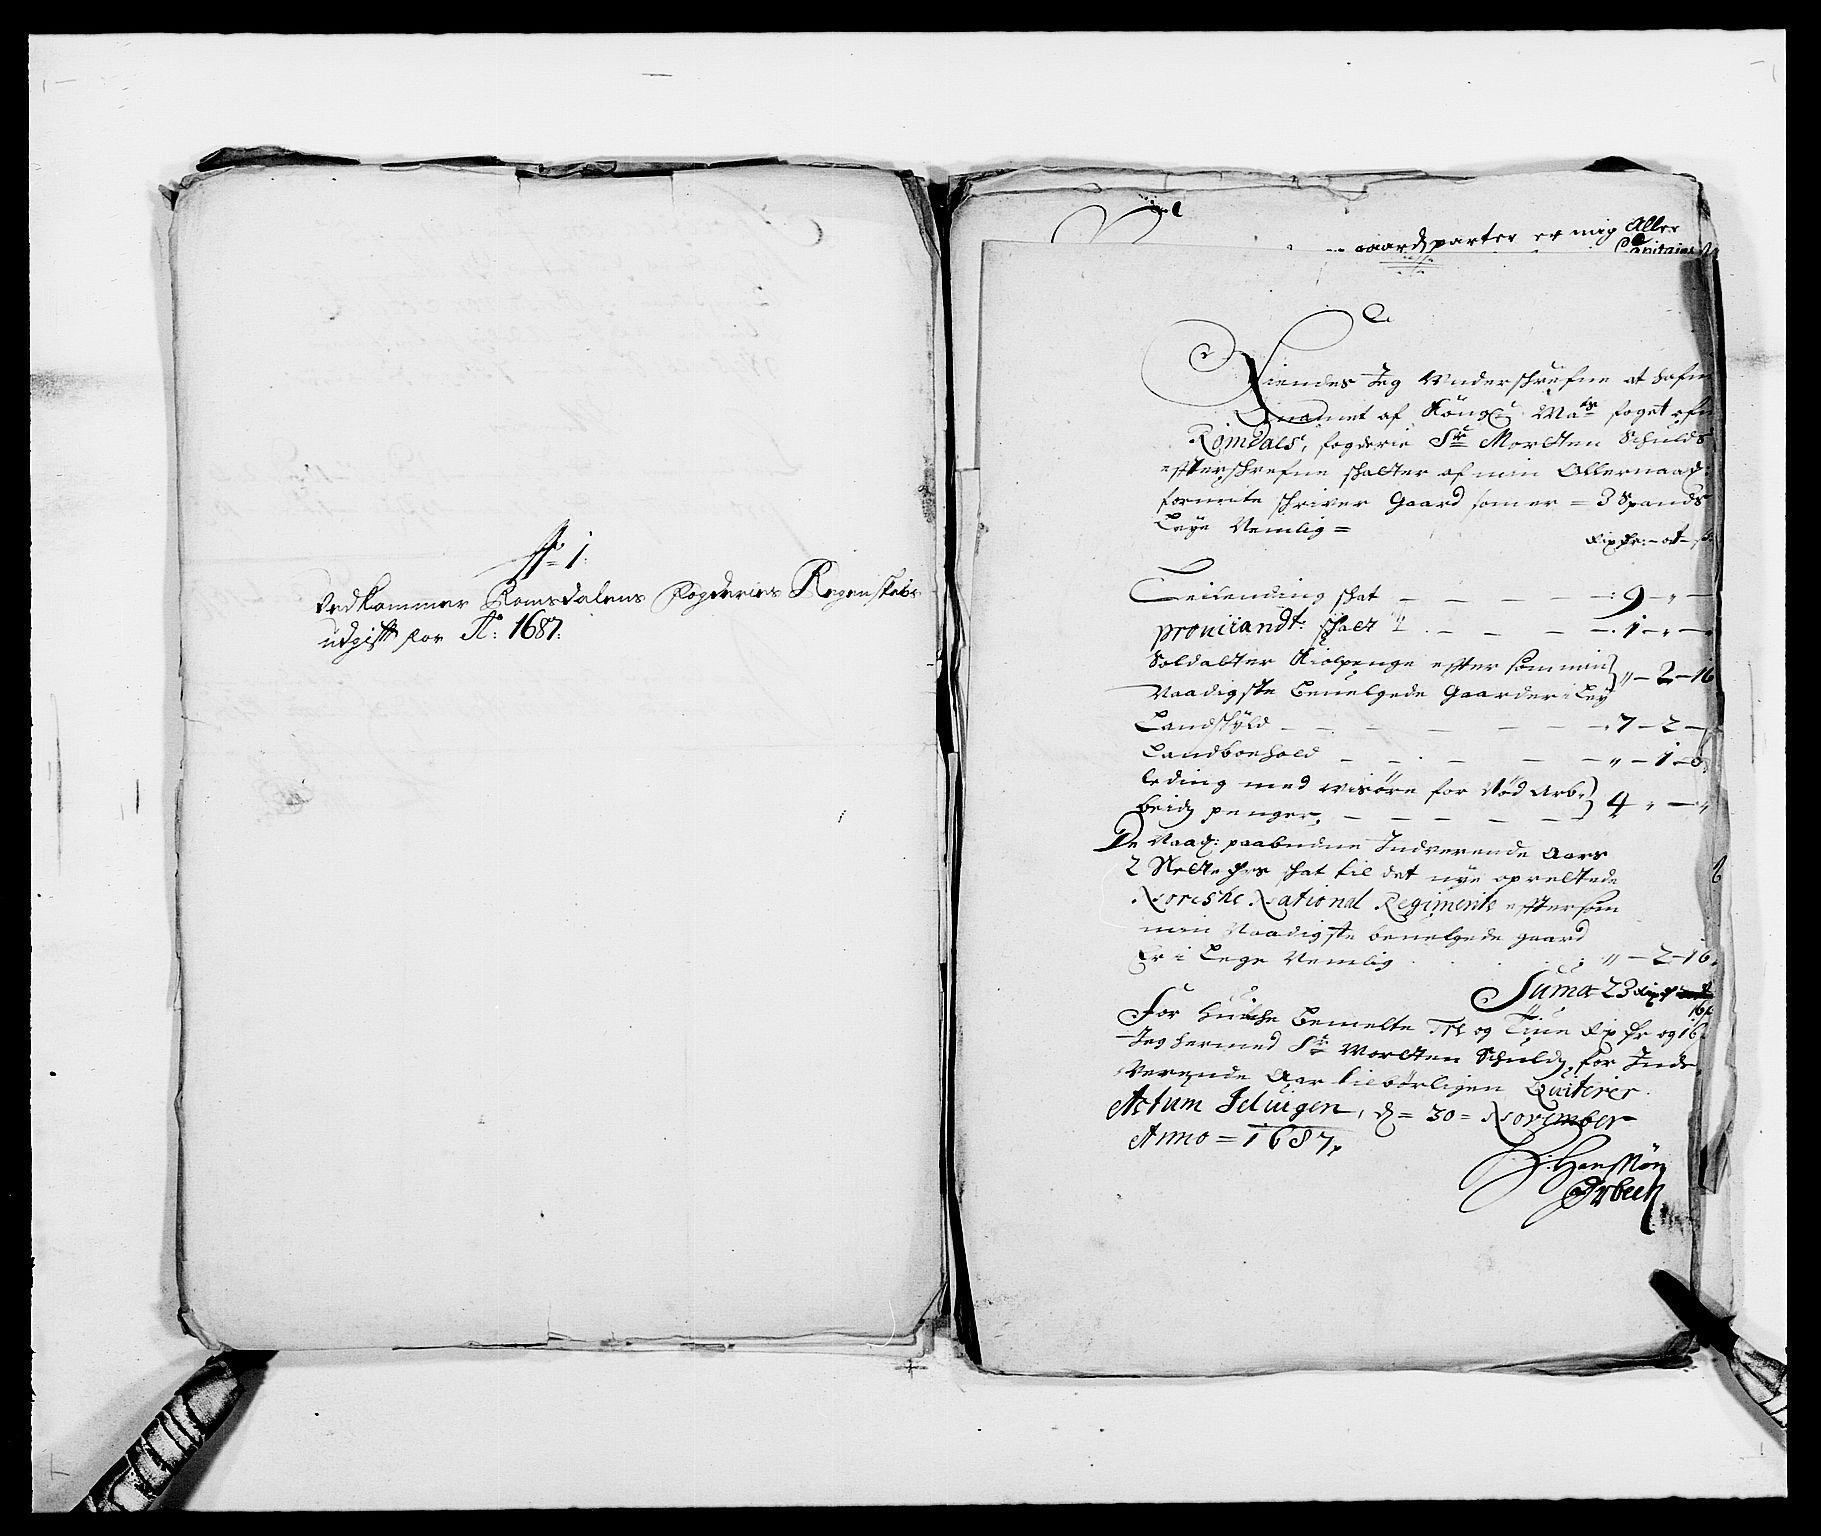 RA, Rentekammeret inntil 1814, Reviderte regnskaper, Fogderegnskap, R55/L3648: Fogderegnskap Romsdal, 1687-1689, s. 140